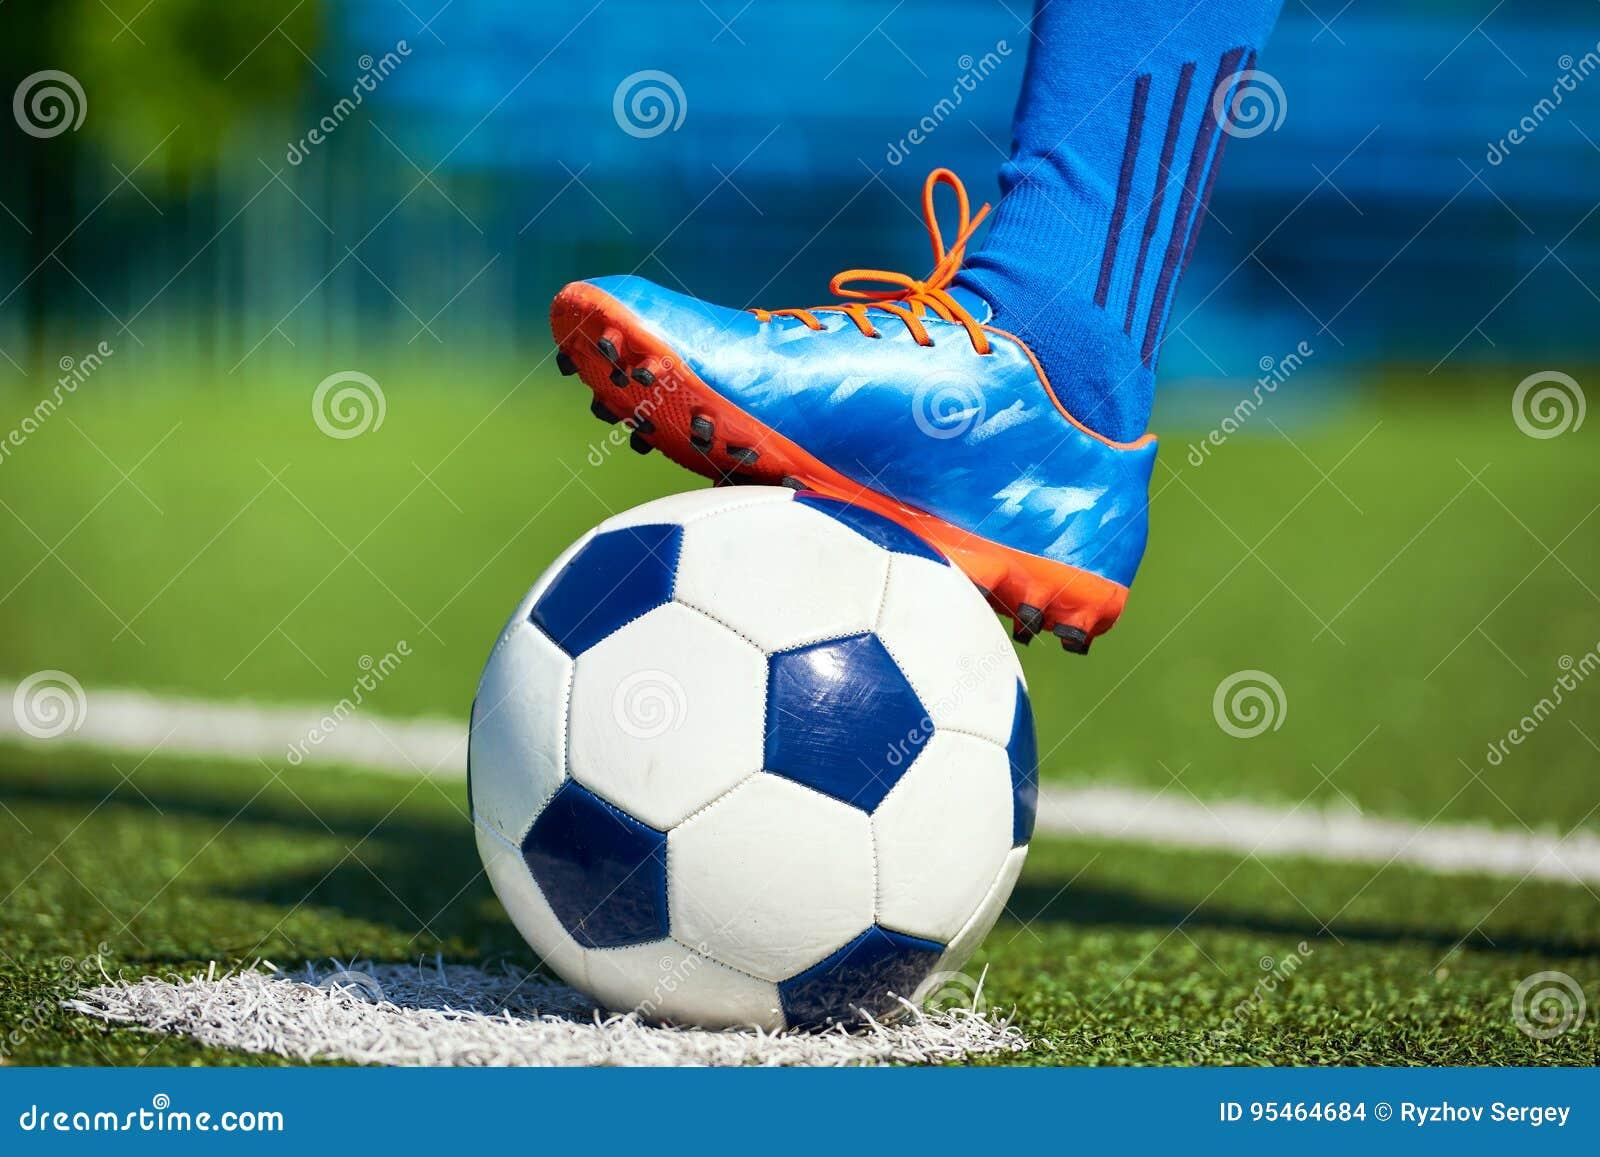 Pie de un jugador de fútbol en una bota del fútbol en una bola en un césped  verde artificial del estadio 4329bdd441c8d